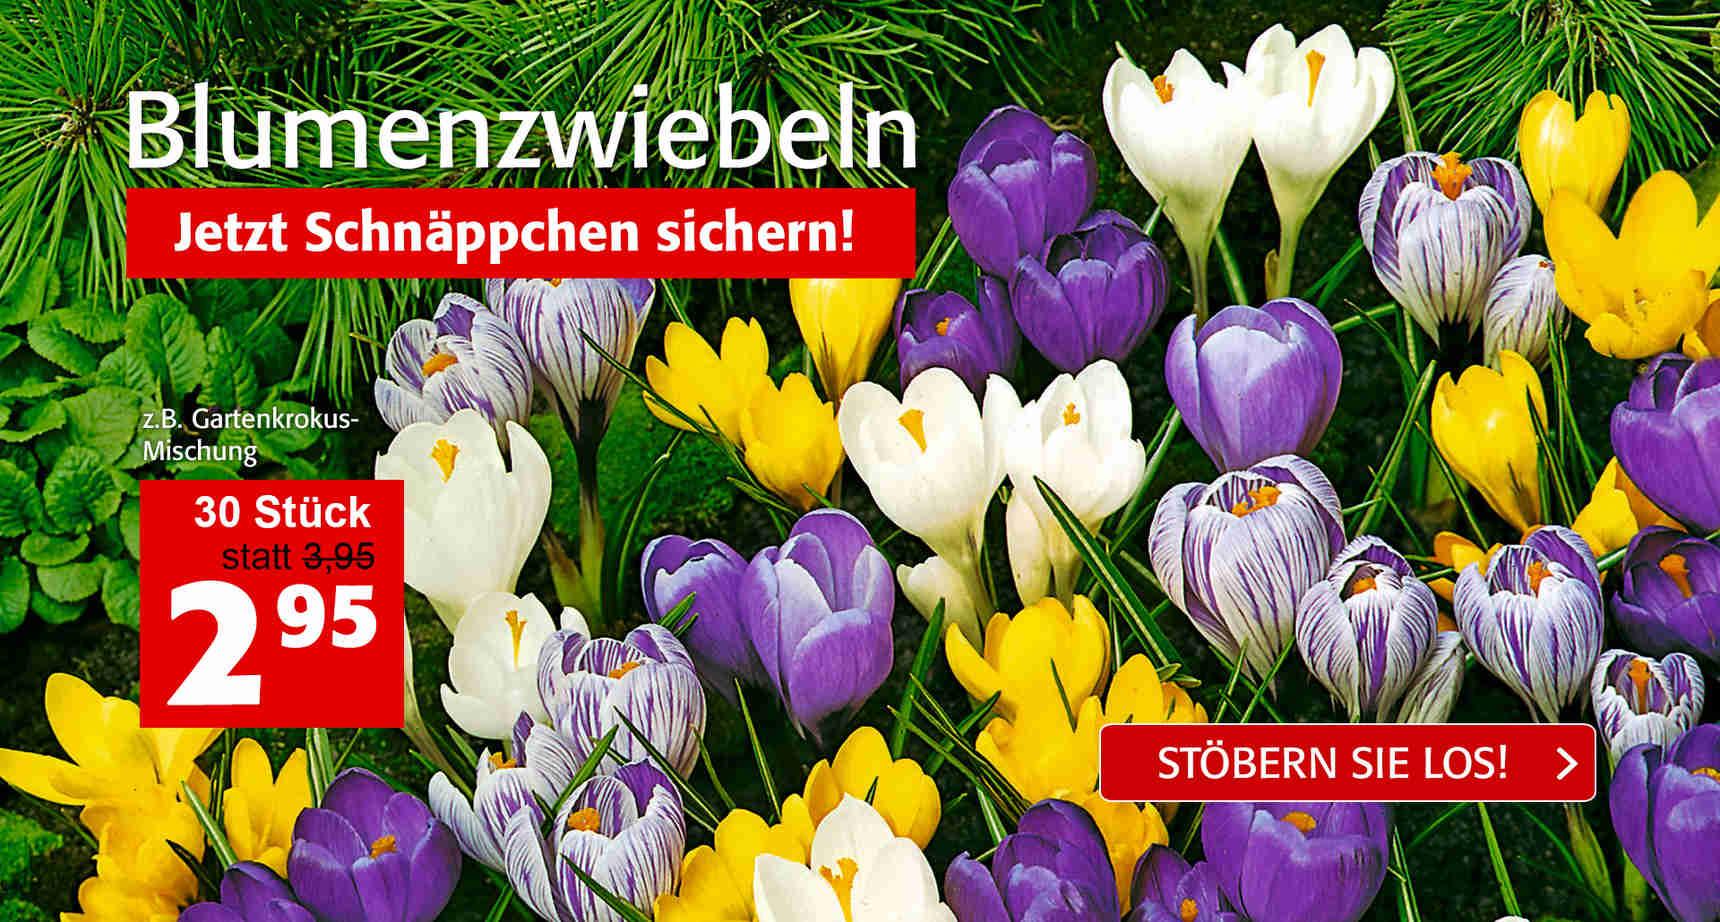 +++ (3) Blumenzwiebeln +++ - 3